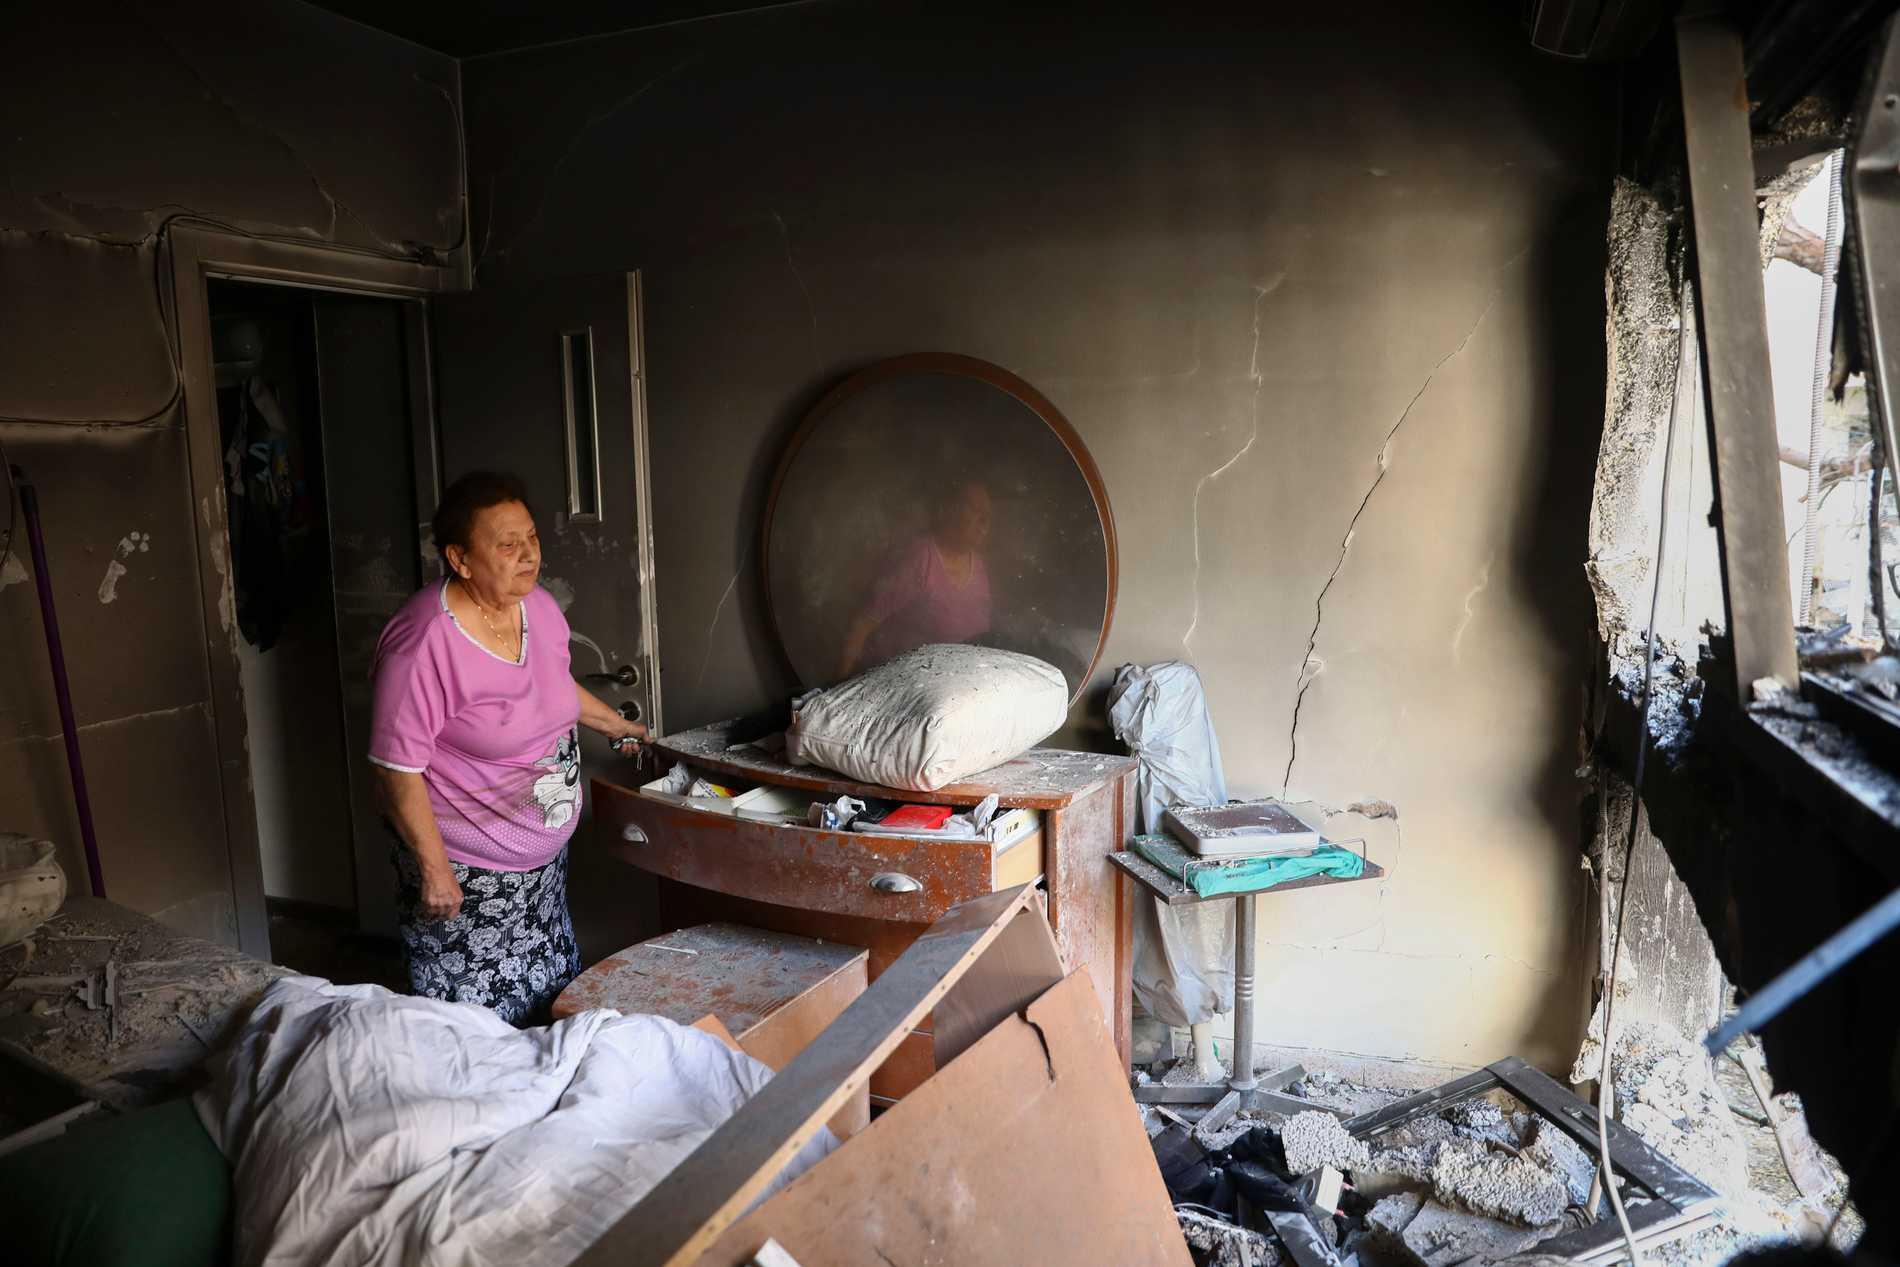 Julianna Sror ser ut från  sin förstörda lägenhet i Petah Tikva, Israel. Lägenheten träffades av en raket avfyrad från Gaza.